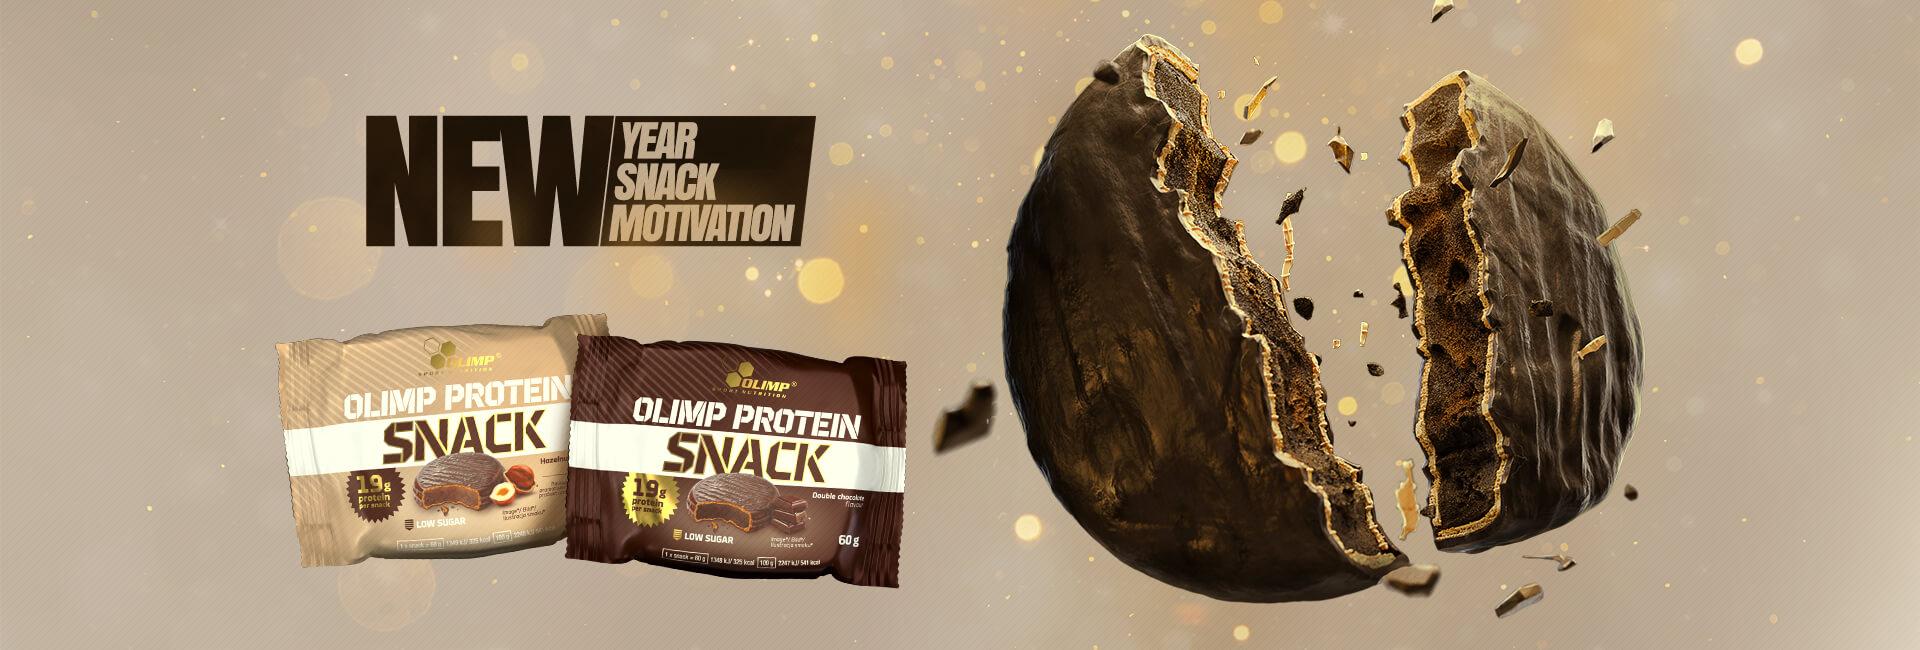 Olimp Protein Snack